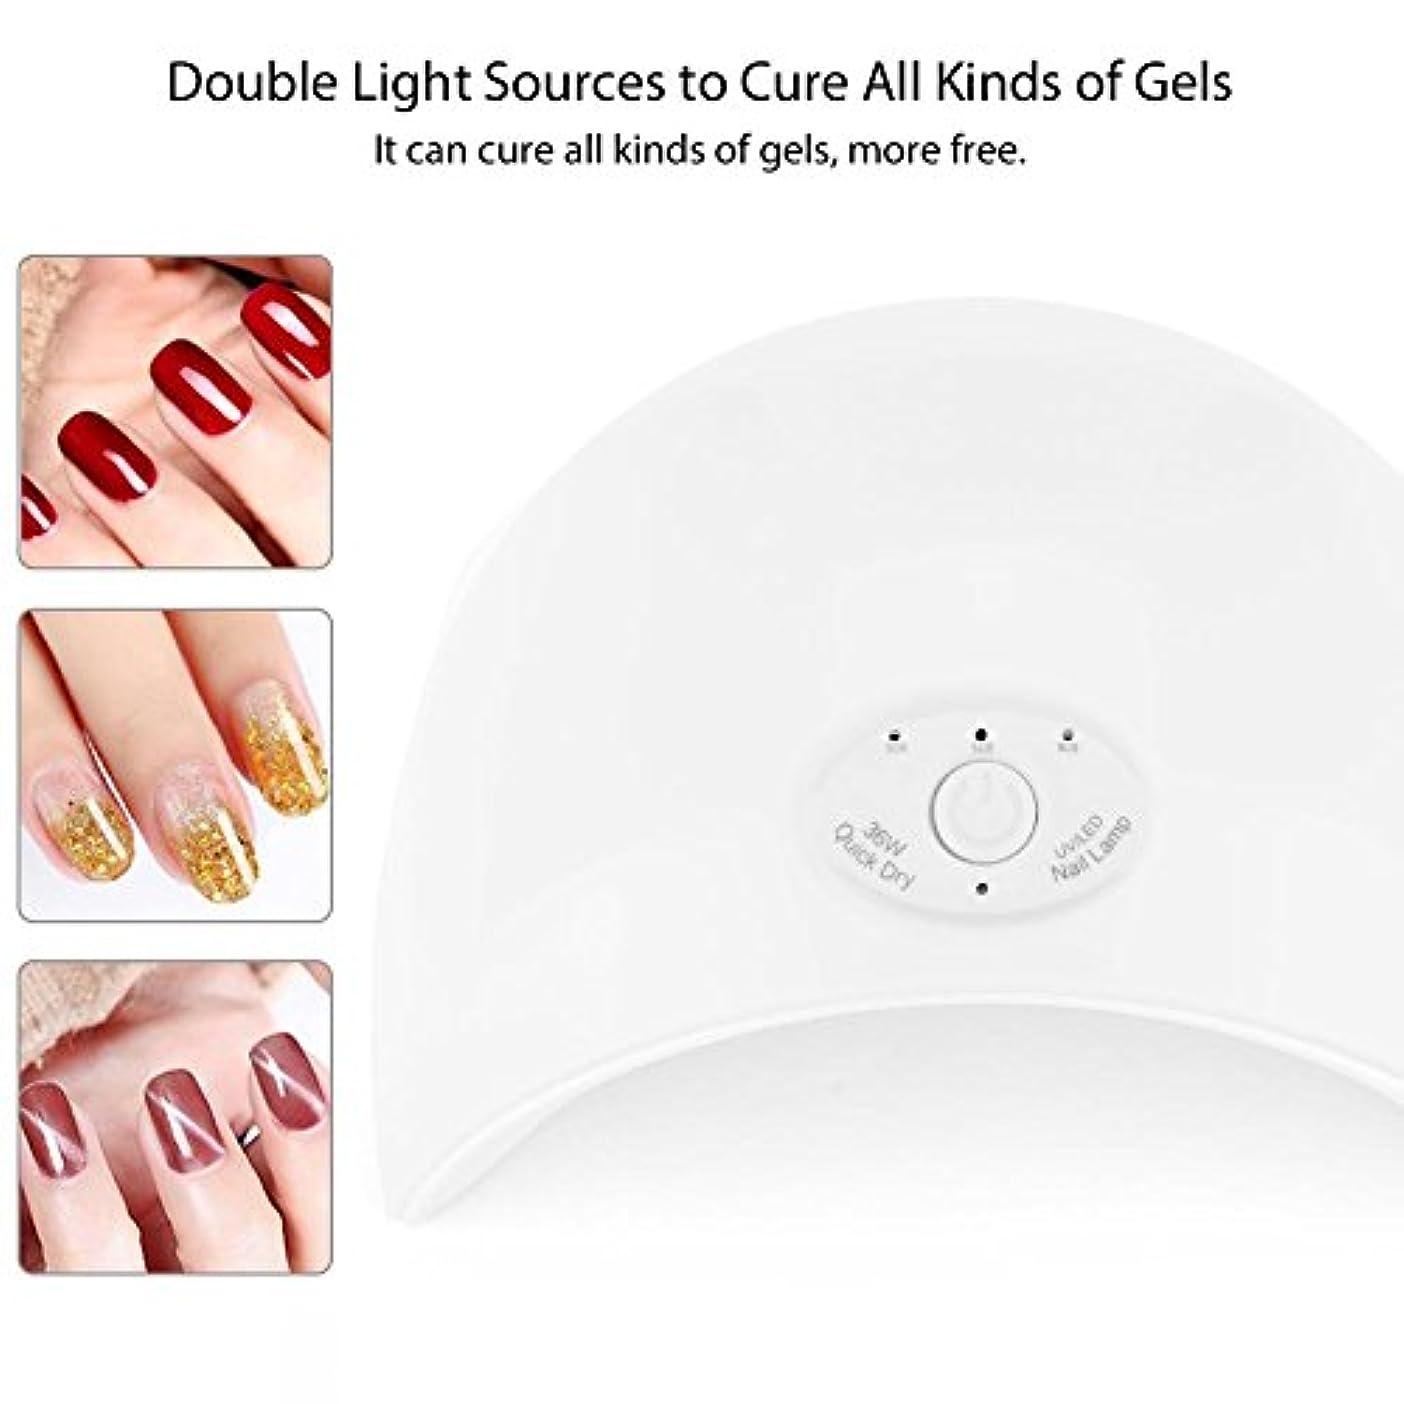 潤滑する編集するスキルネイルランプ、スマートセンサーネイルアートツールを使用したネイルジェルポリッシュ硬化用UVLEDネイルドライヤー(白い)